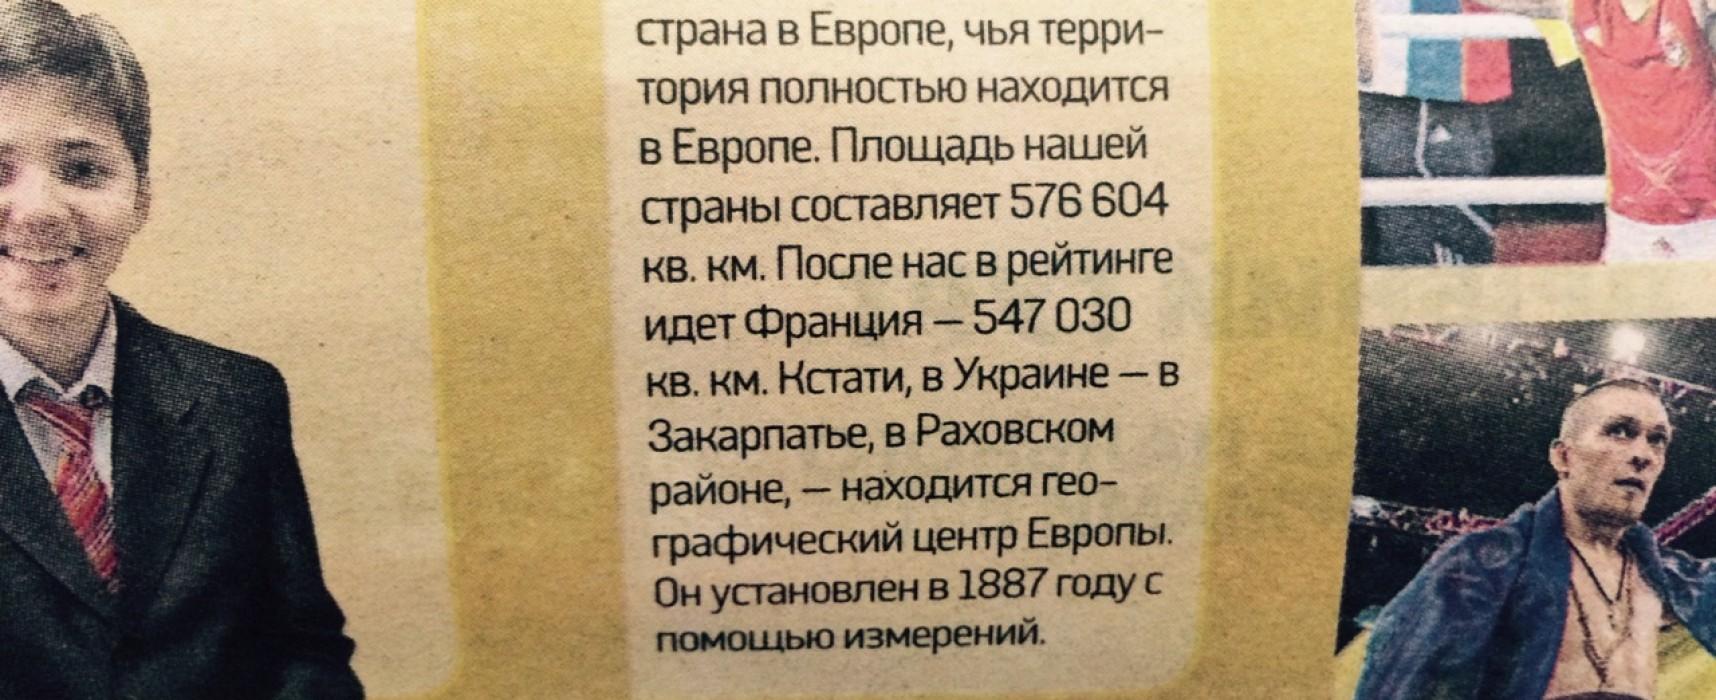 Газета Вести «отрезала» Крым от Украины